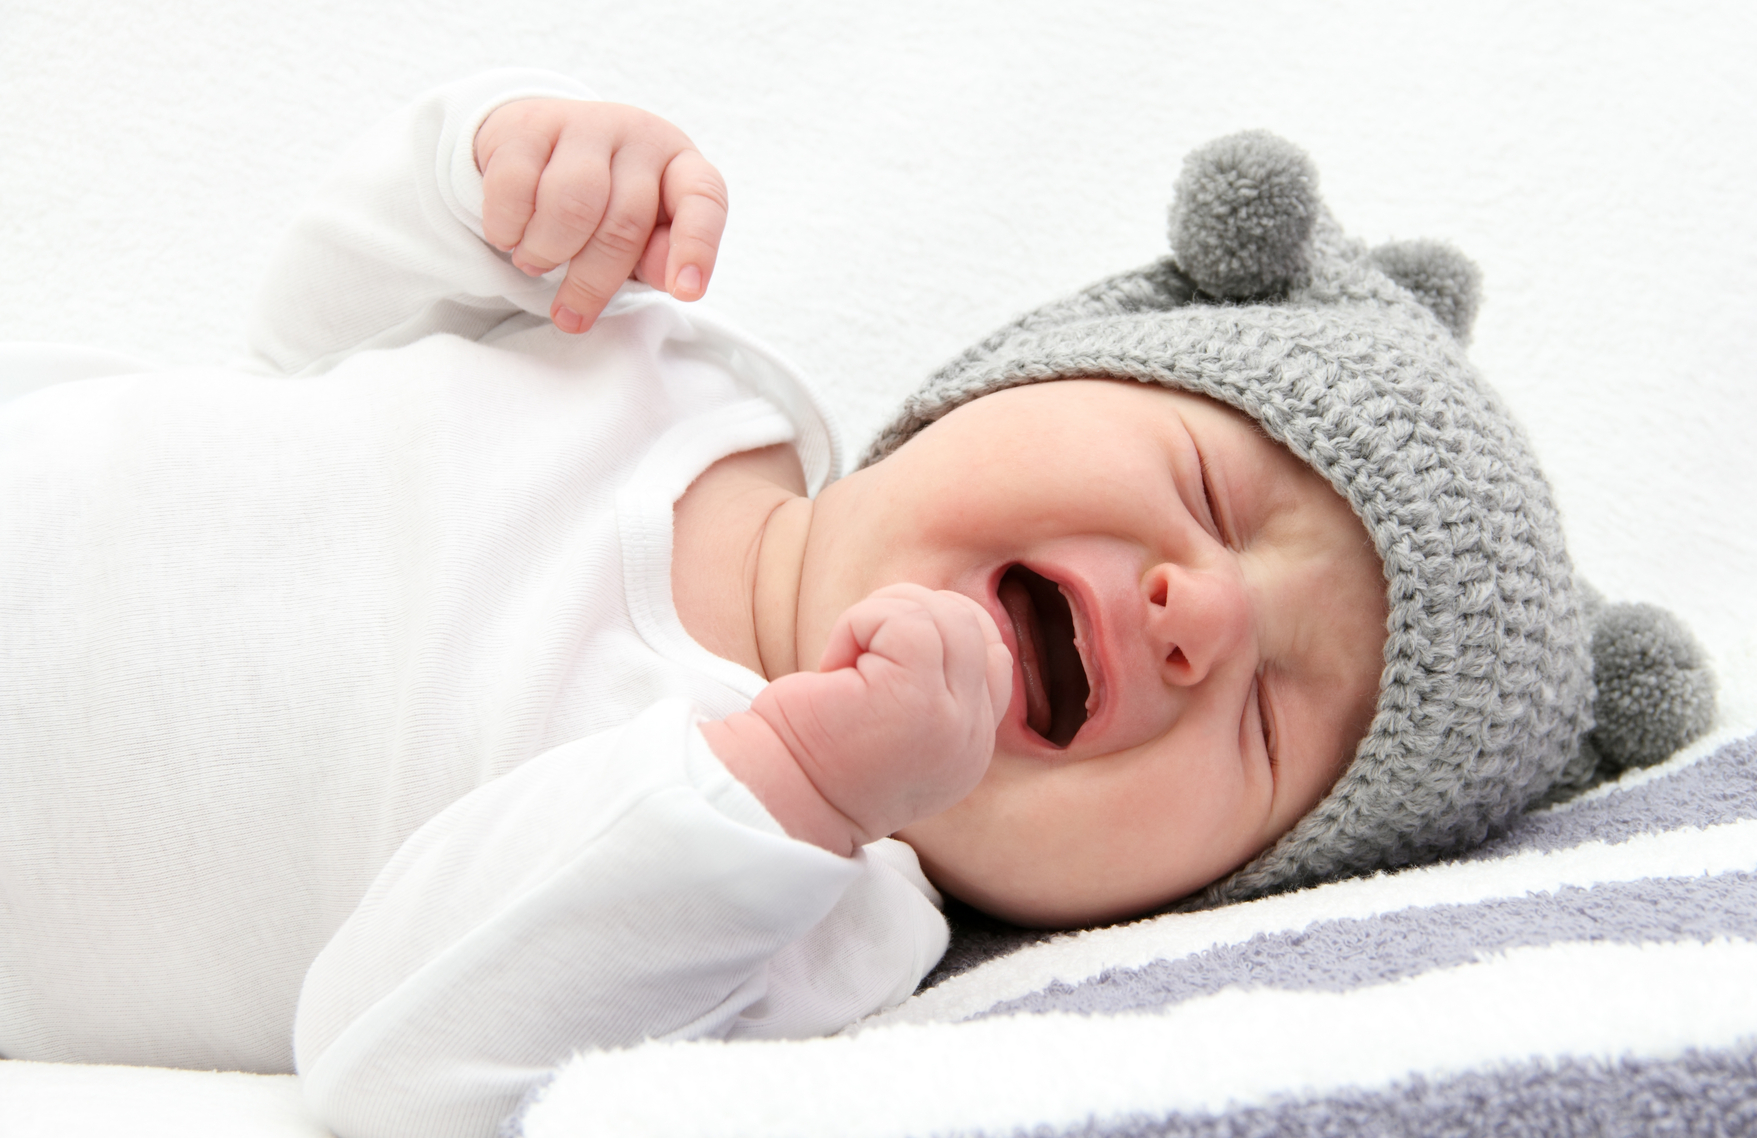 плаксивость симптом молочницы